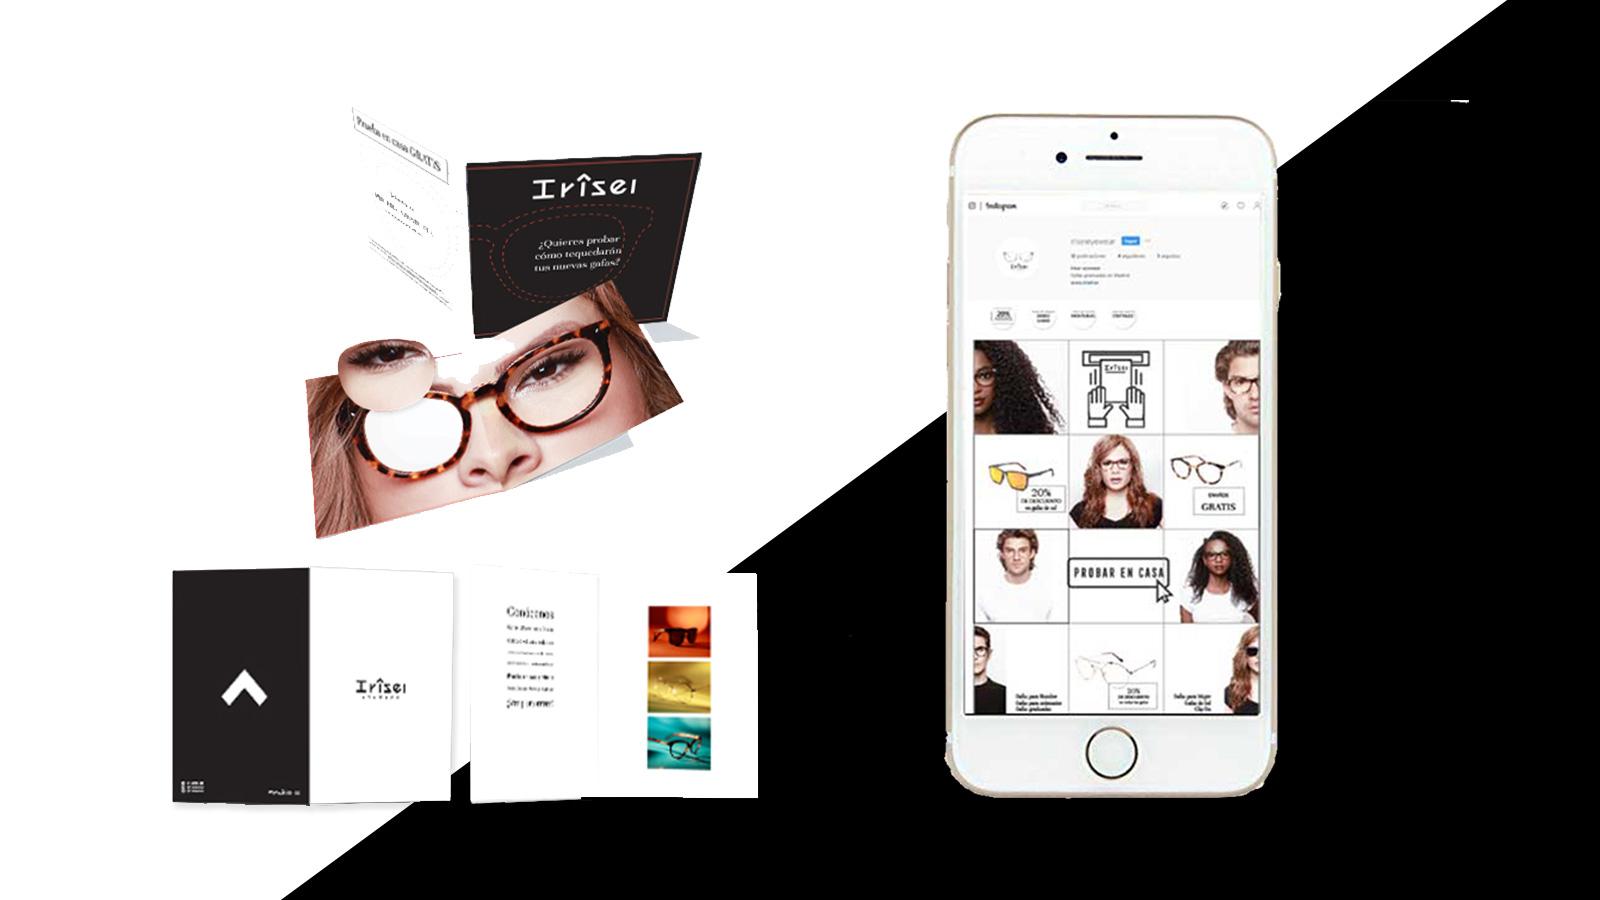 Diseño gráfico publicitario